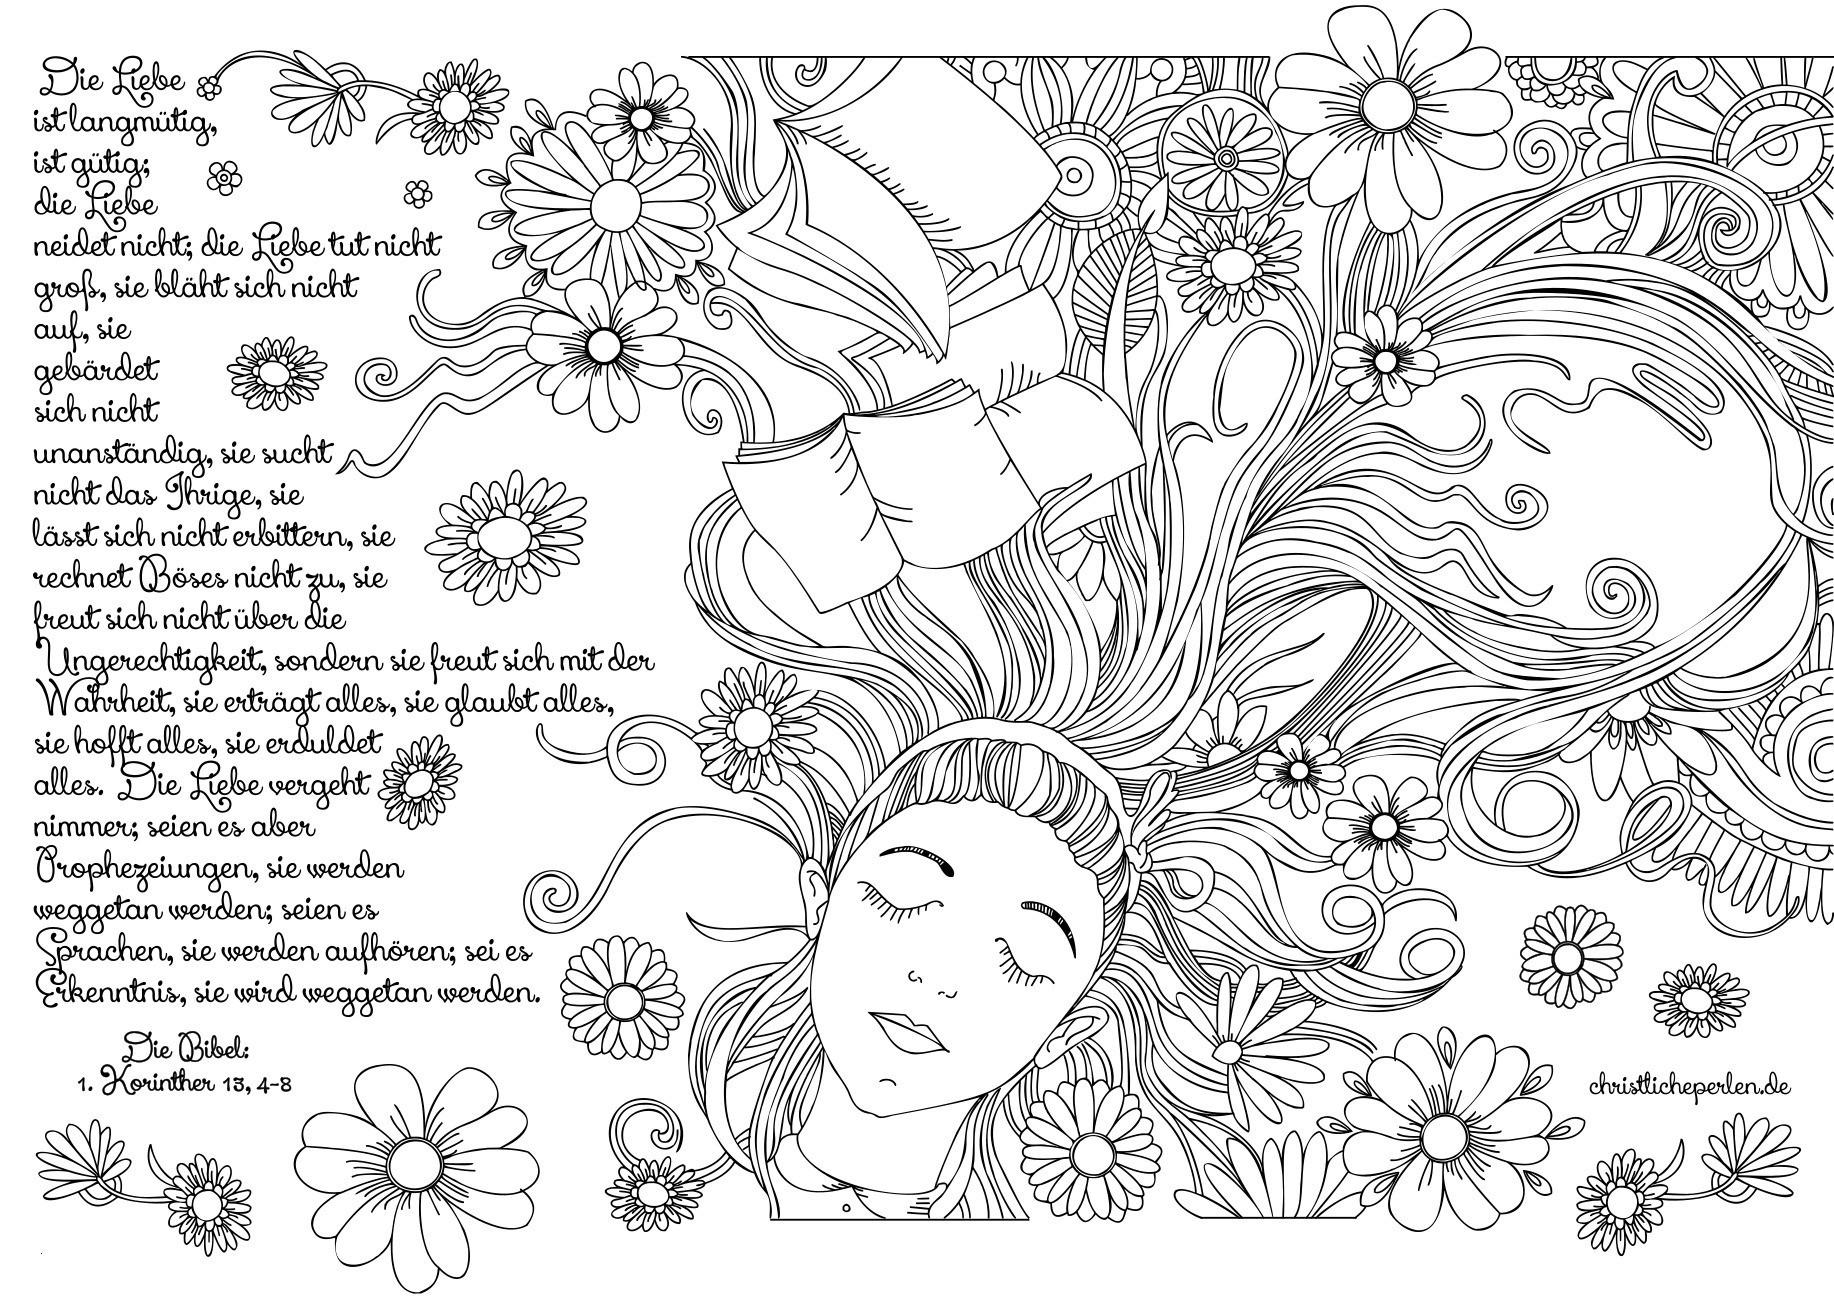 Ausmalbild Prinzessin Einhorn Neu Prinzessin Ausmalbilder Zum Ausdrucken Lovely 25 Fantastisch Galerie